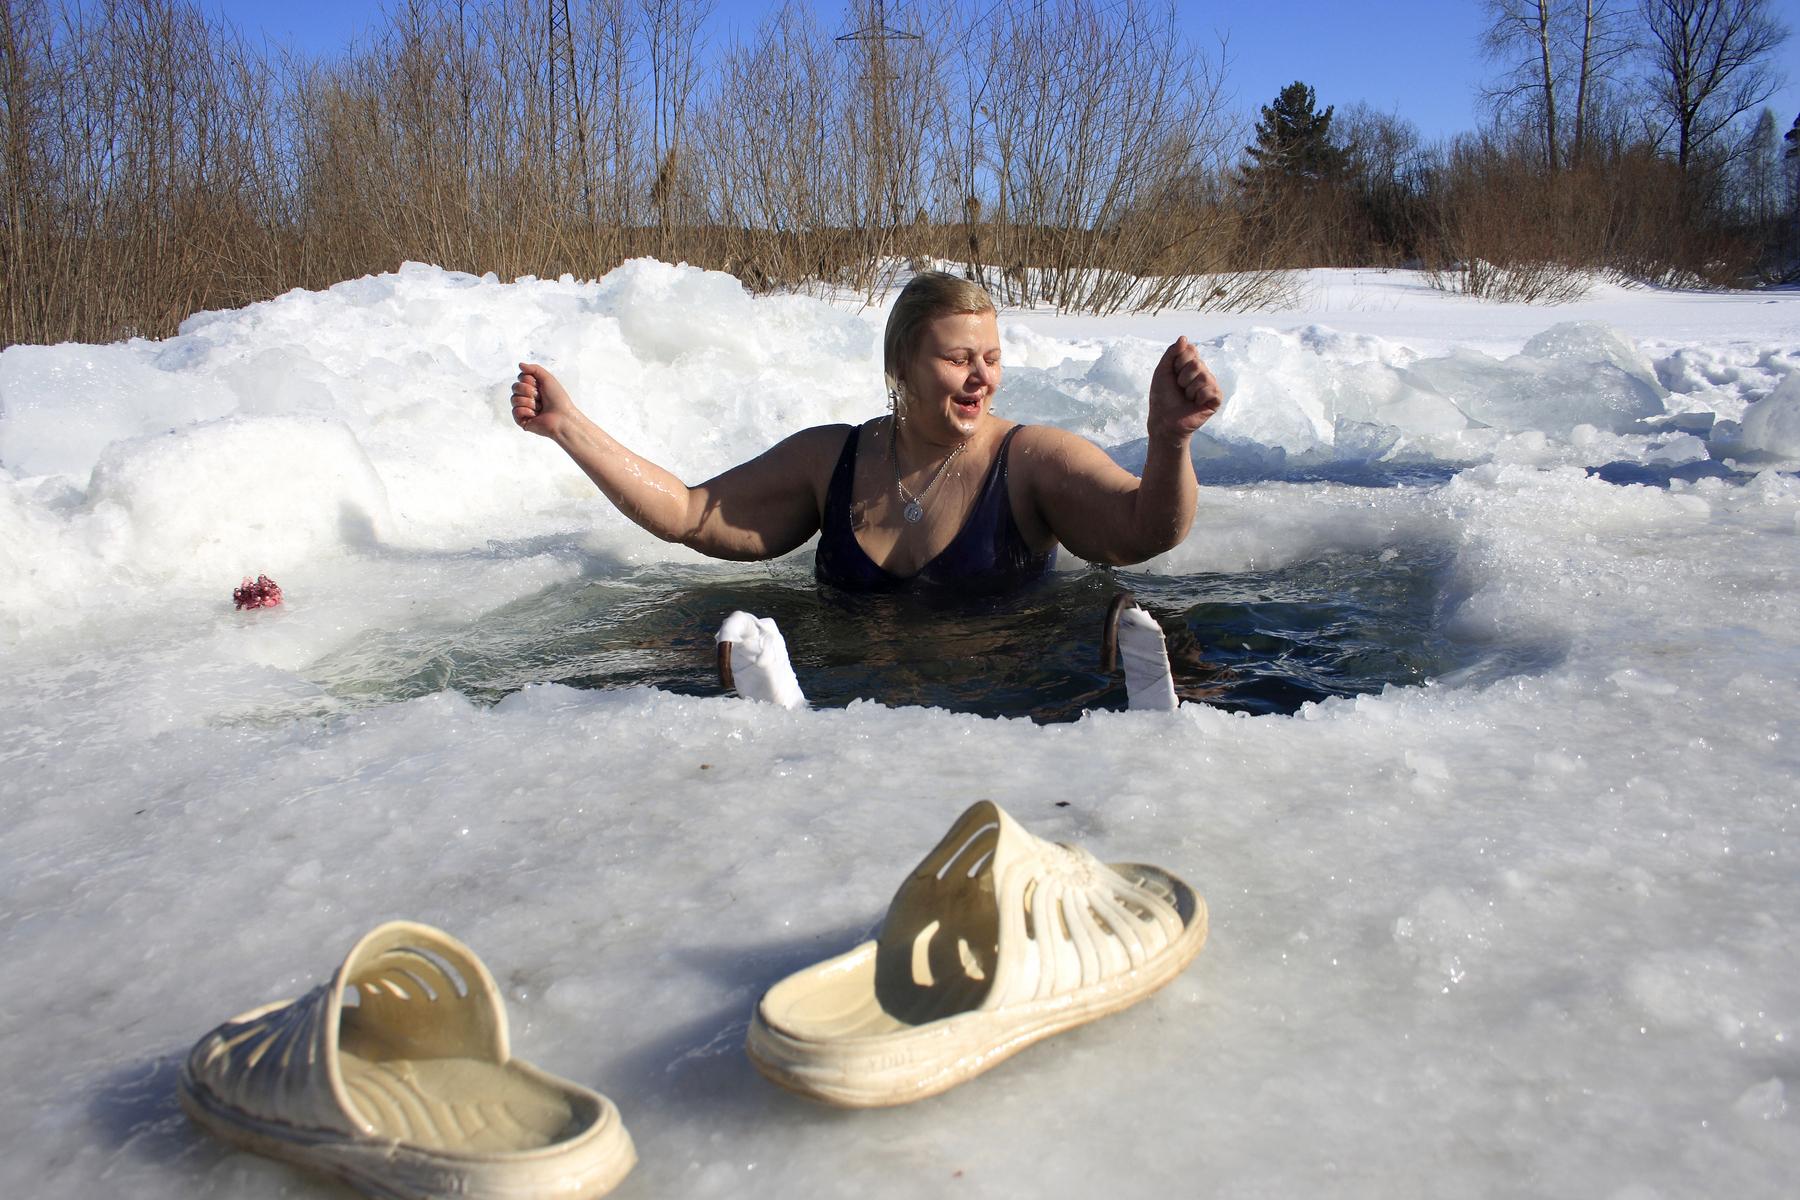 Как правильно охладиться после бани, безопасное обливание водой